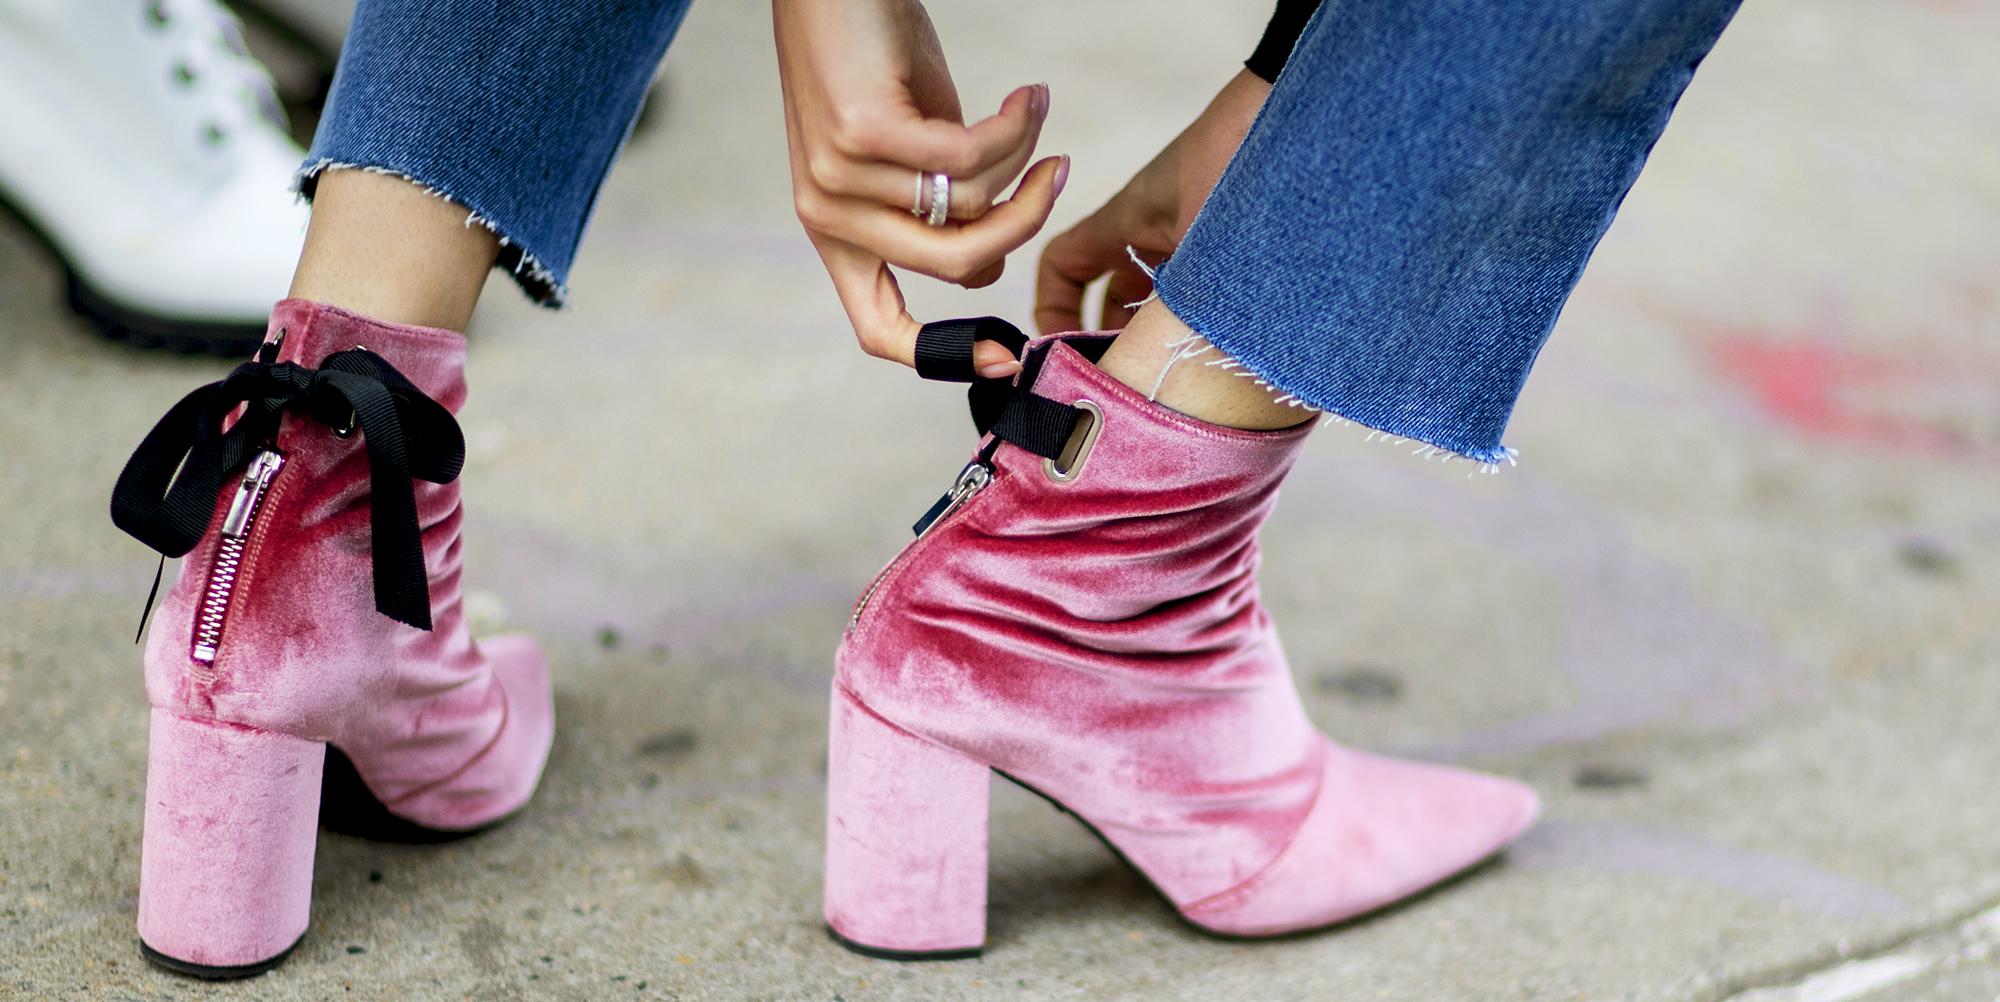 Le scarpe più furbe delle tendenze moda Autunno Inverno 2018/2019 sono queste: 15 stivaletti da amare